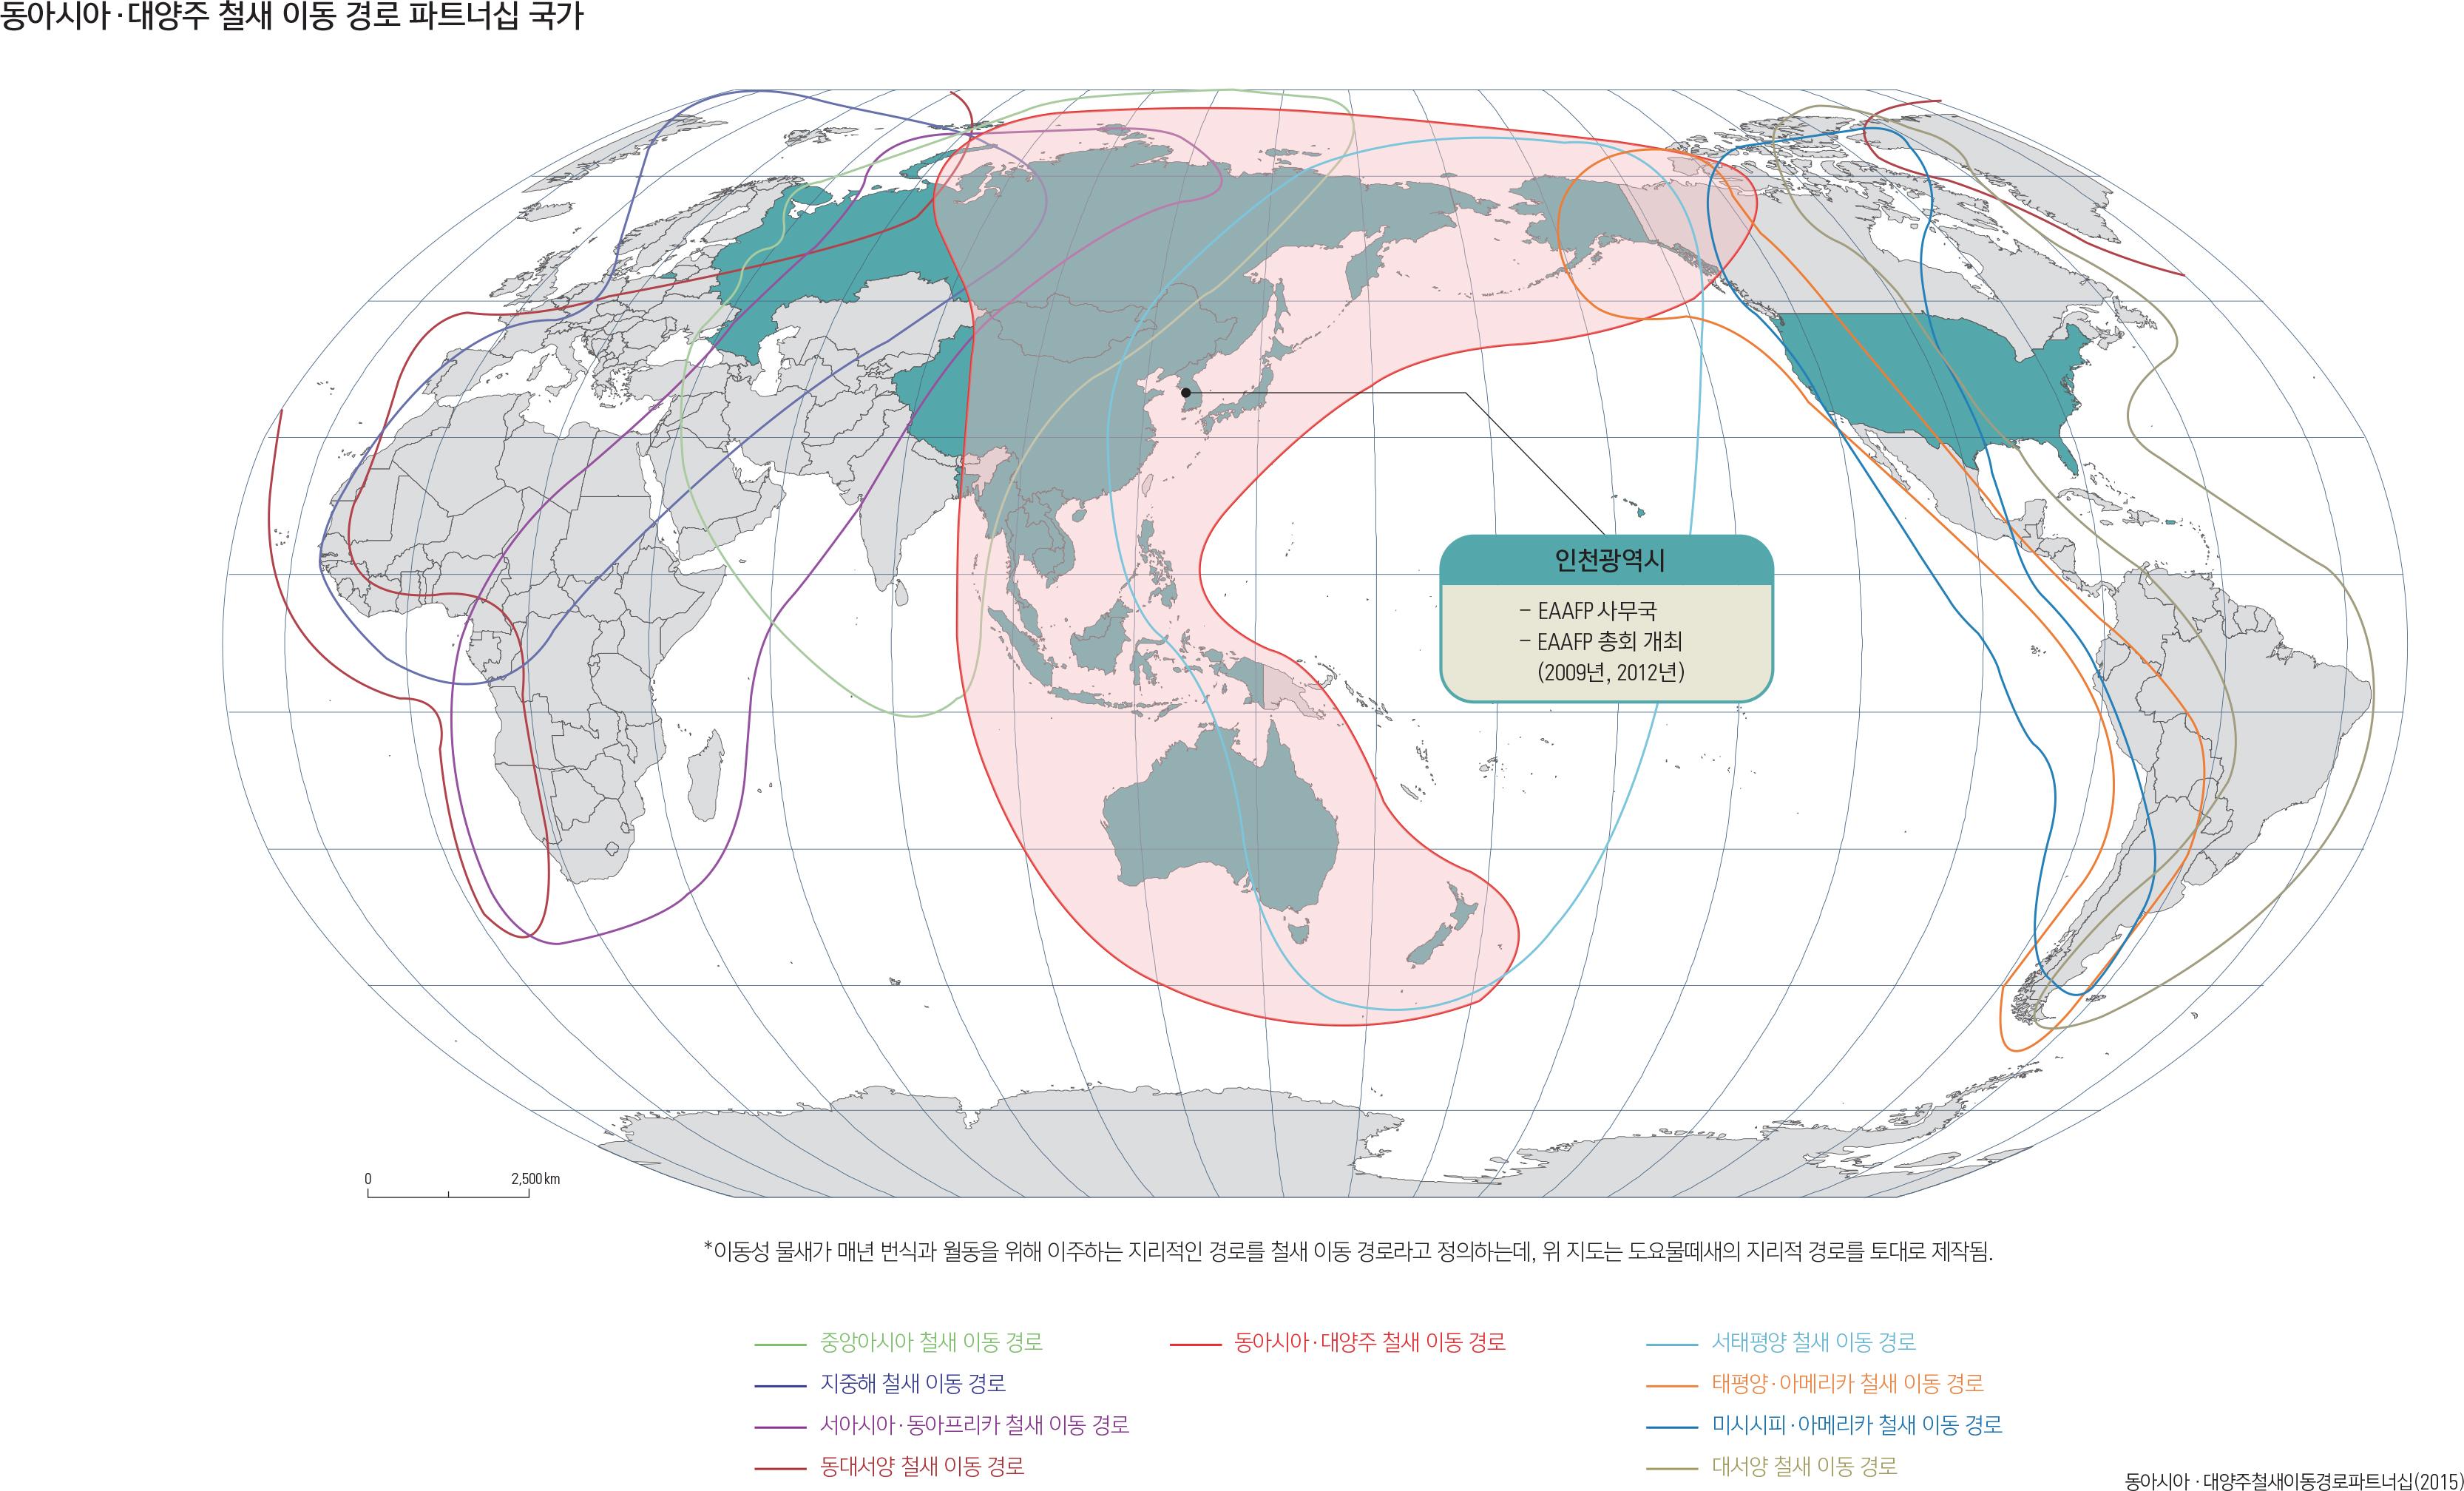 동아시아·대양주 철새 이동 경로 파트너십 국가